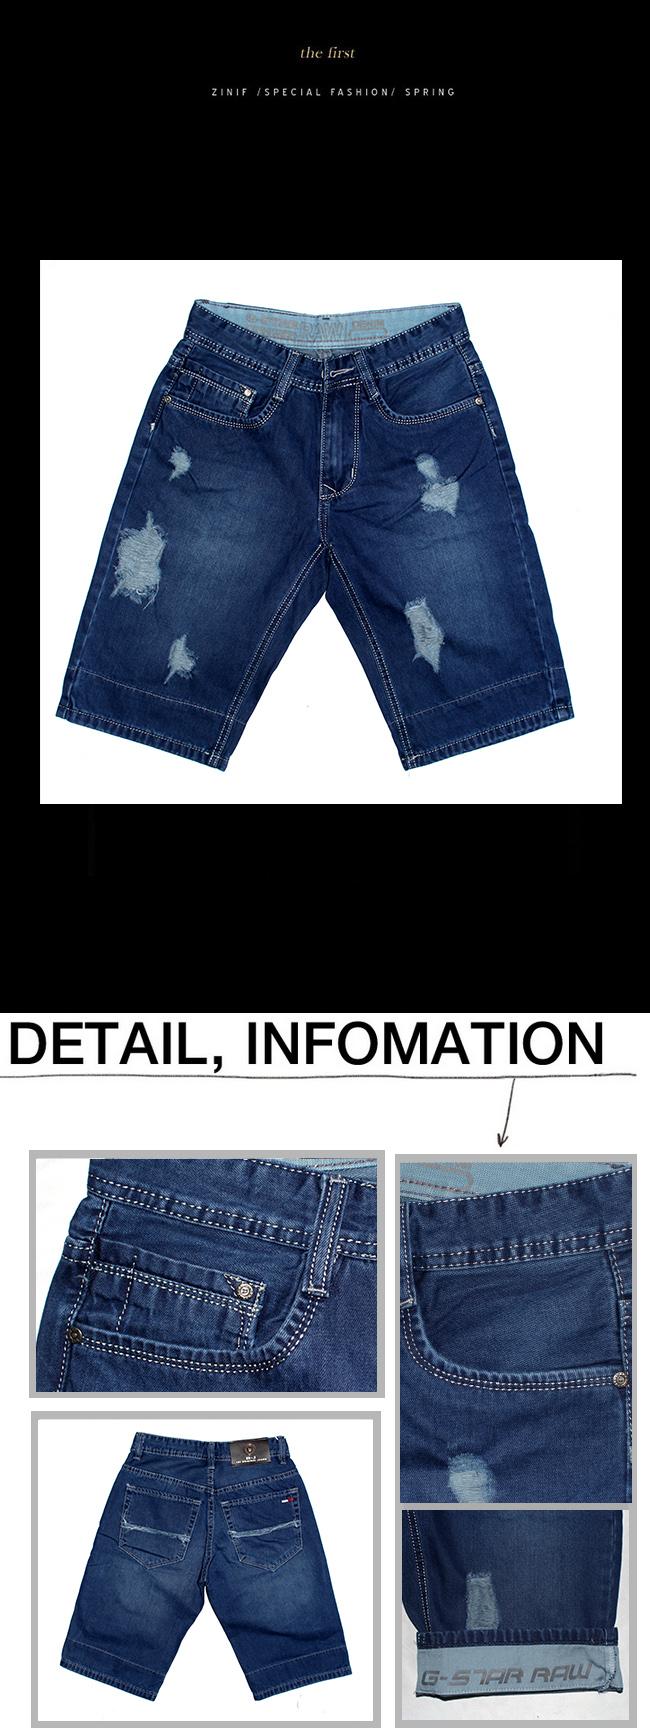 Quần short jeans xanh dương qs05 - 1